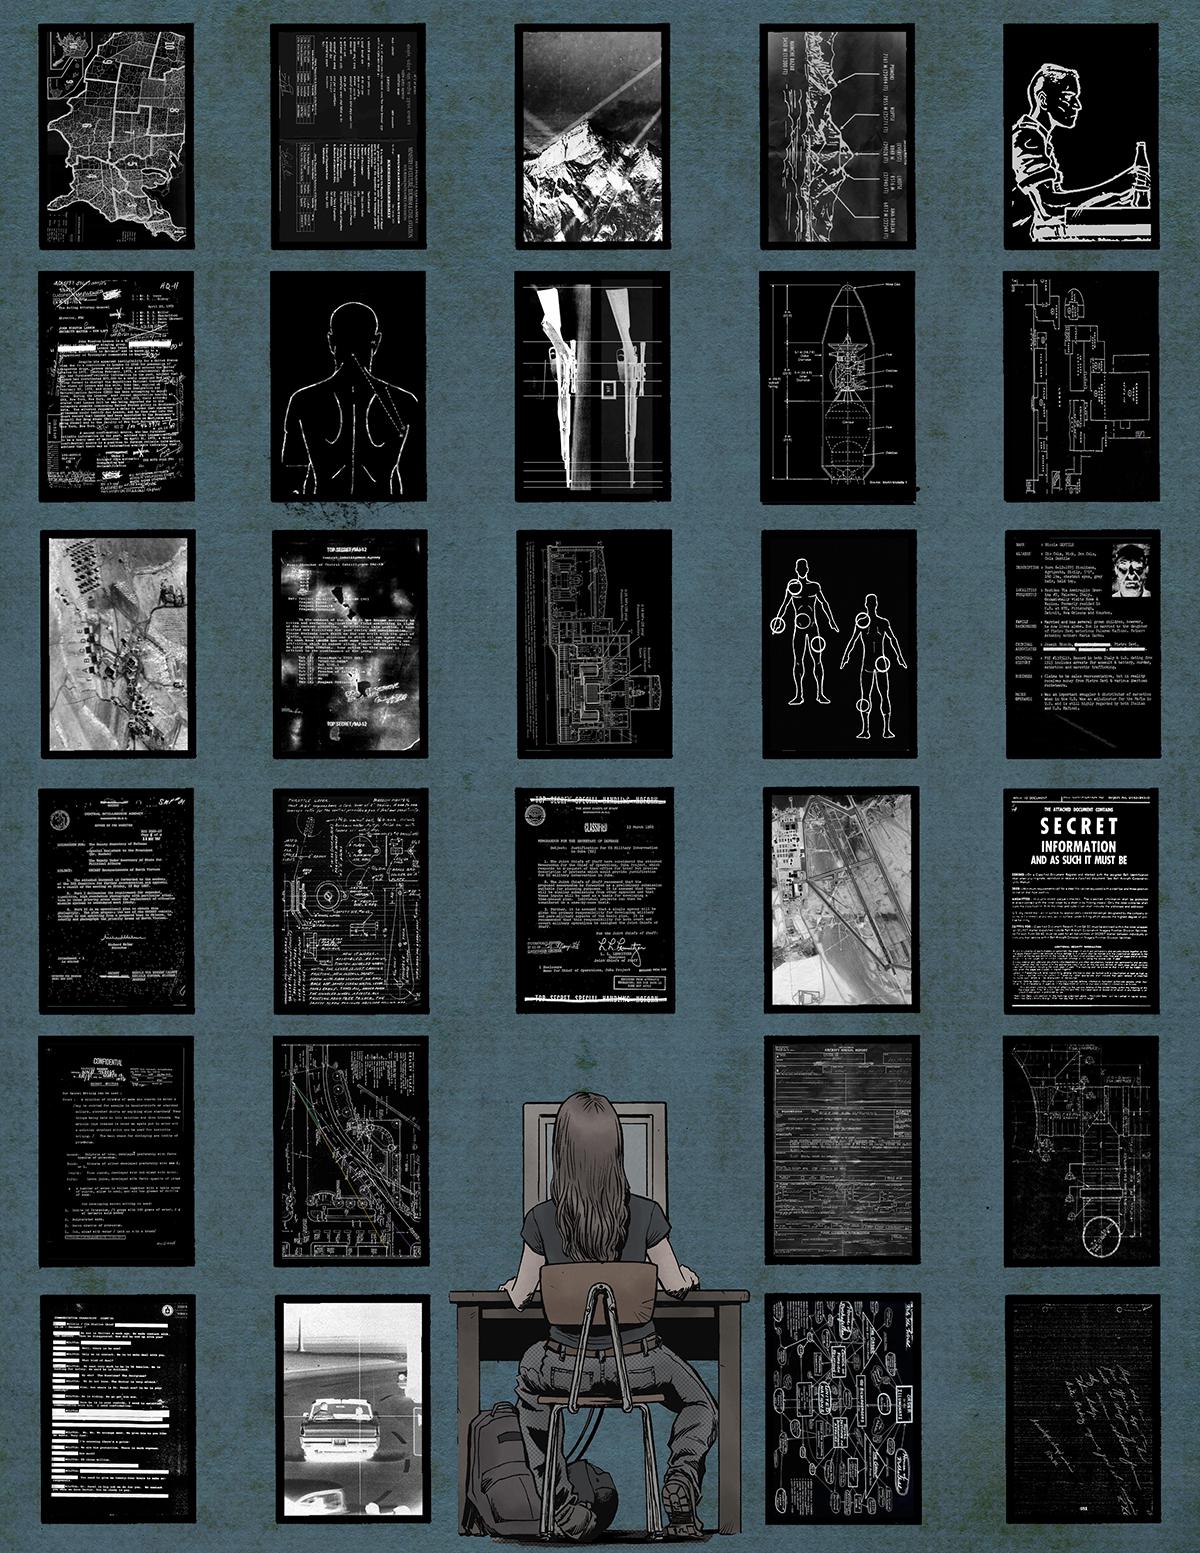 microfilmzanx2.jpg